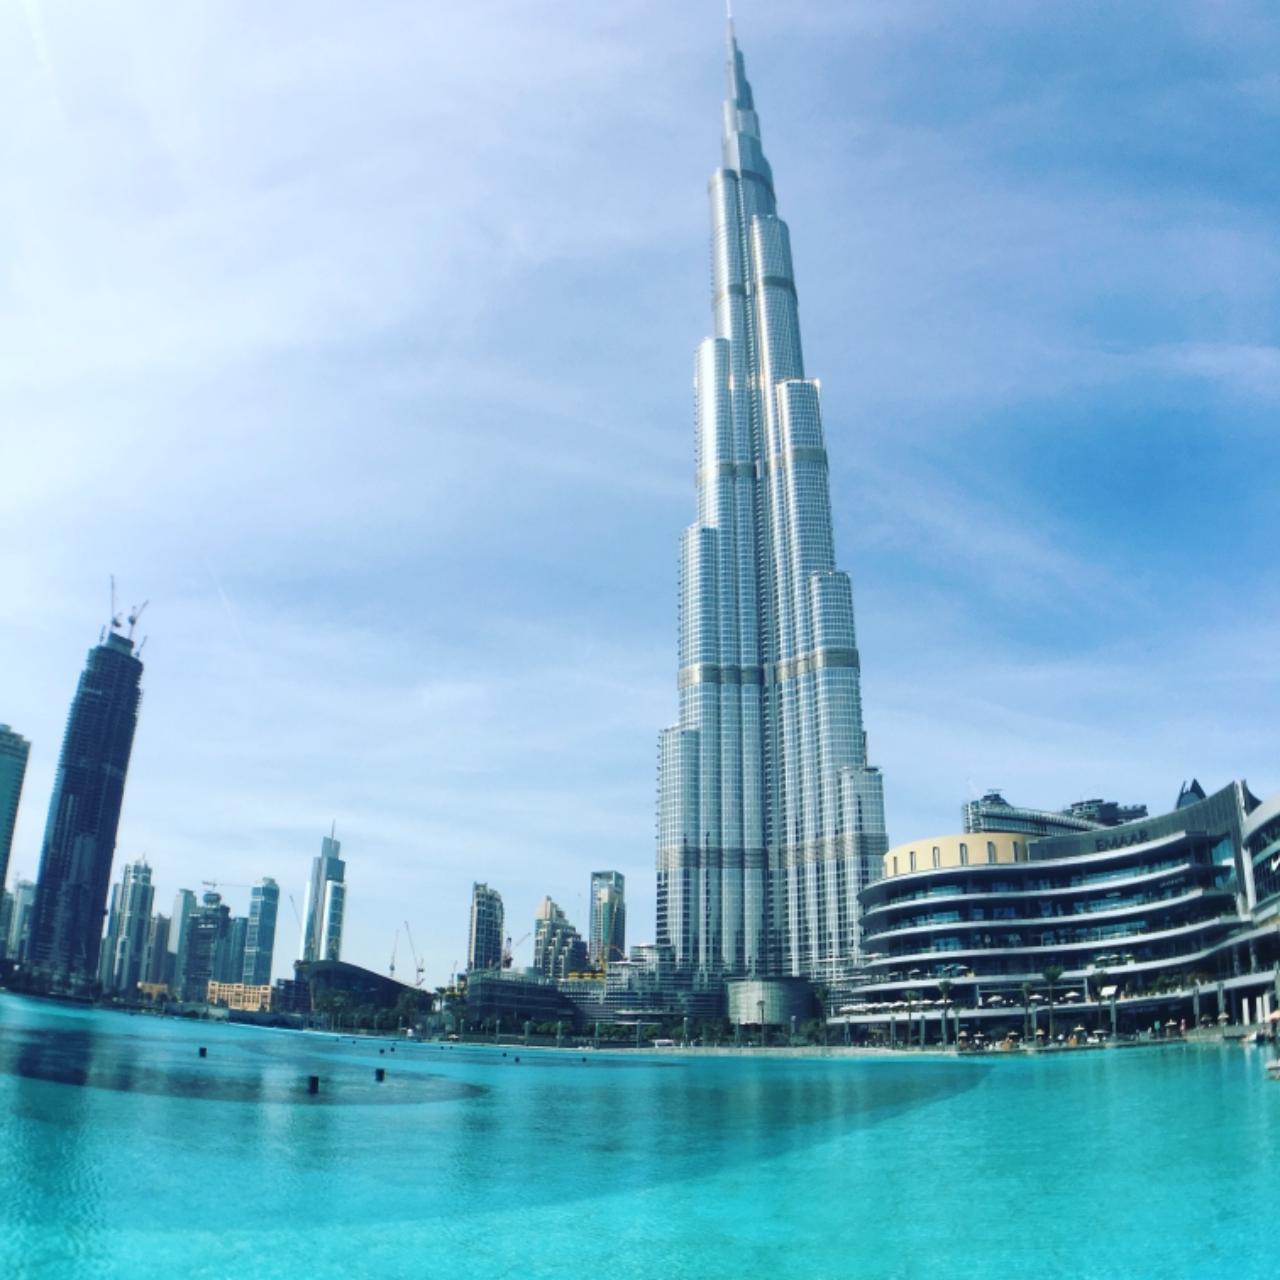 Photo 1: La tour Burj Khalifa, la plus haute tour du monde !